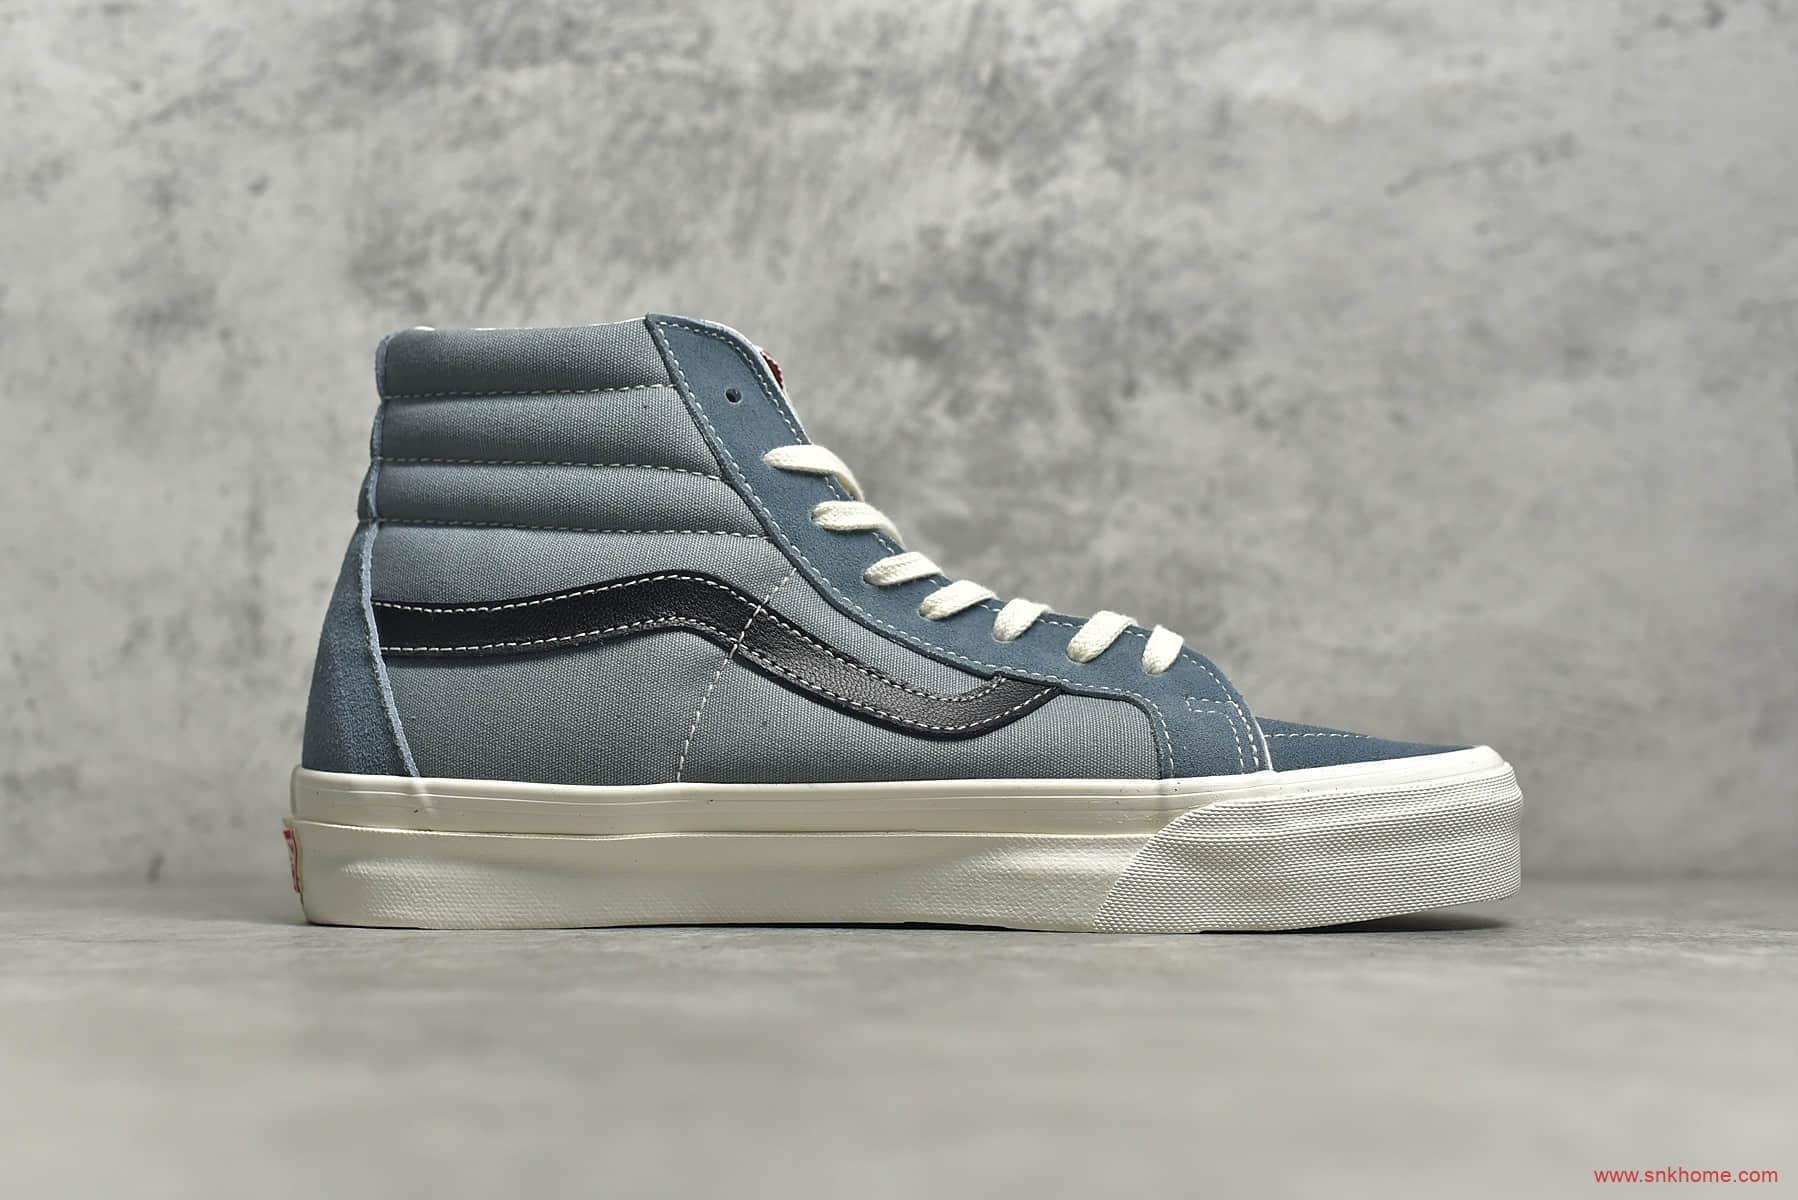 万斯经典高帮 万斯雾霾蓝色帆布鞋 Vans SK8-Hi 纯原版本莆田万斯货源 货号:VN0A4BVB20R-潮流者之家